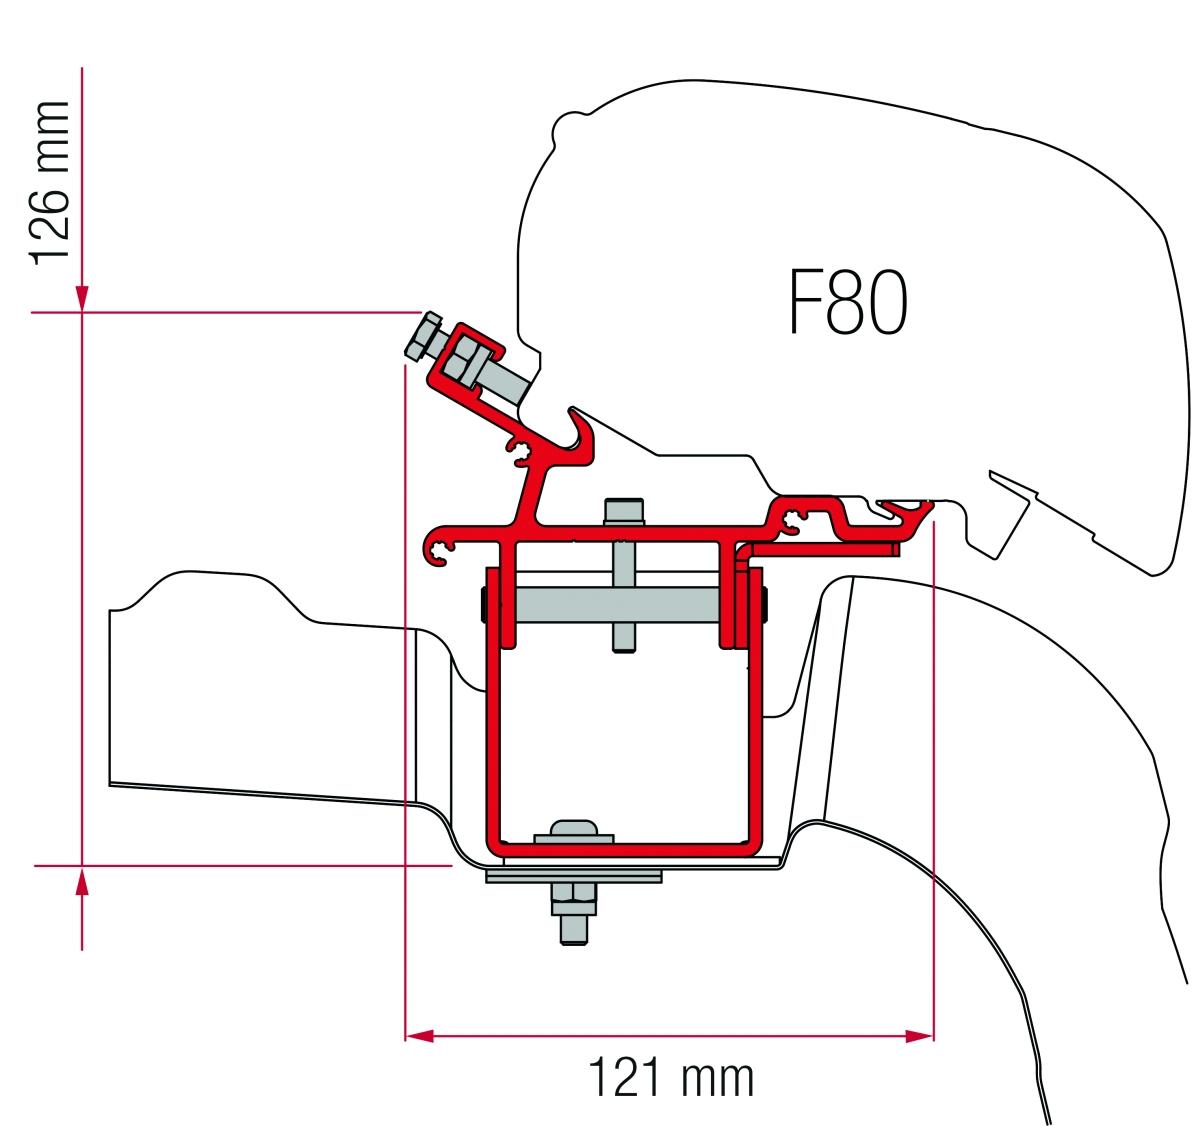 Fiamma F65 VW Crafter/MAN L3 H3 ohne Roof Rail Adapter Kit ab 2007